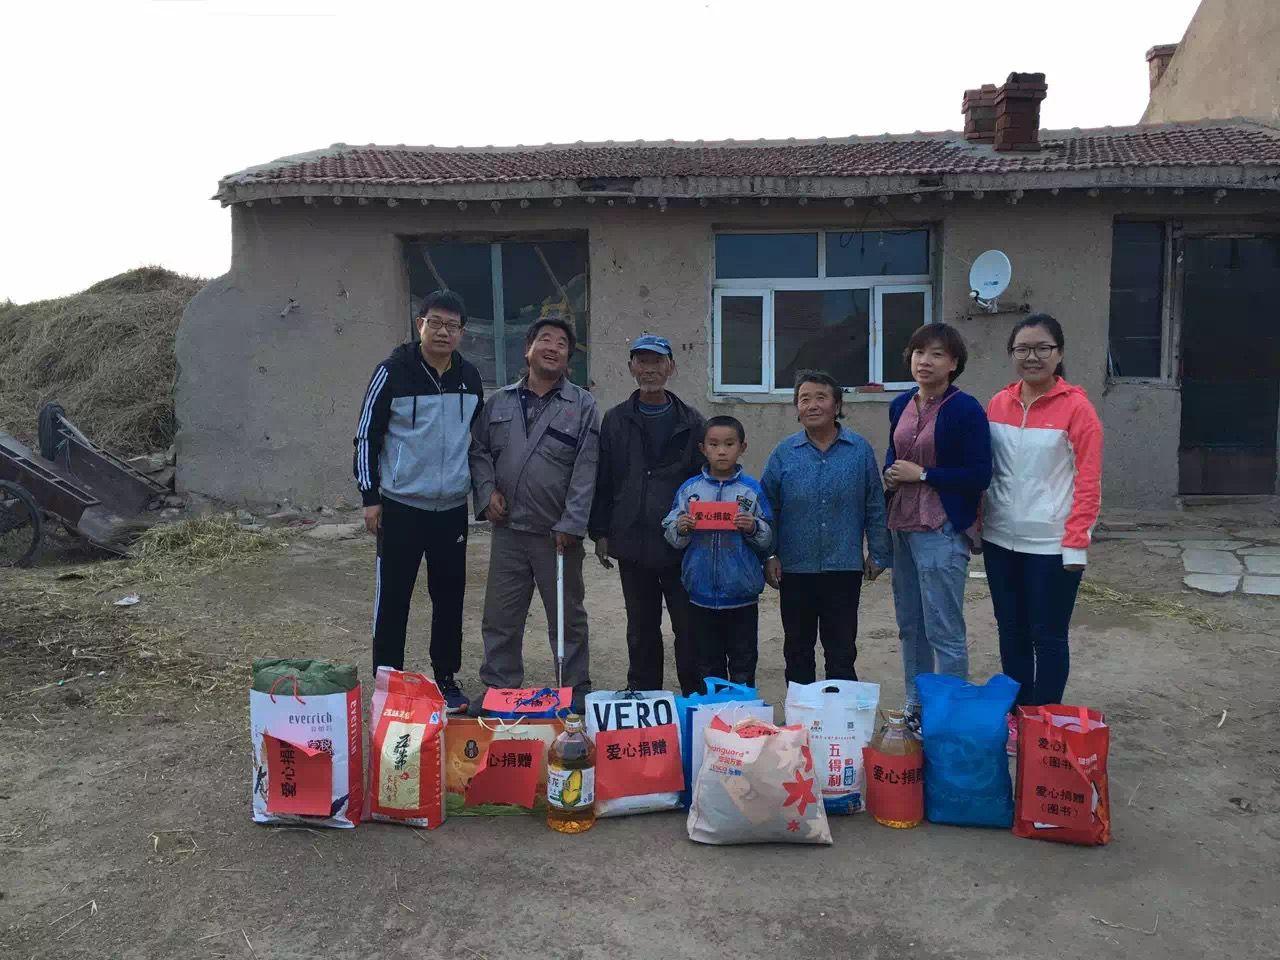 袁景林带着慰问品去孙岩家。受访者供图